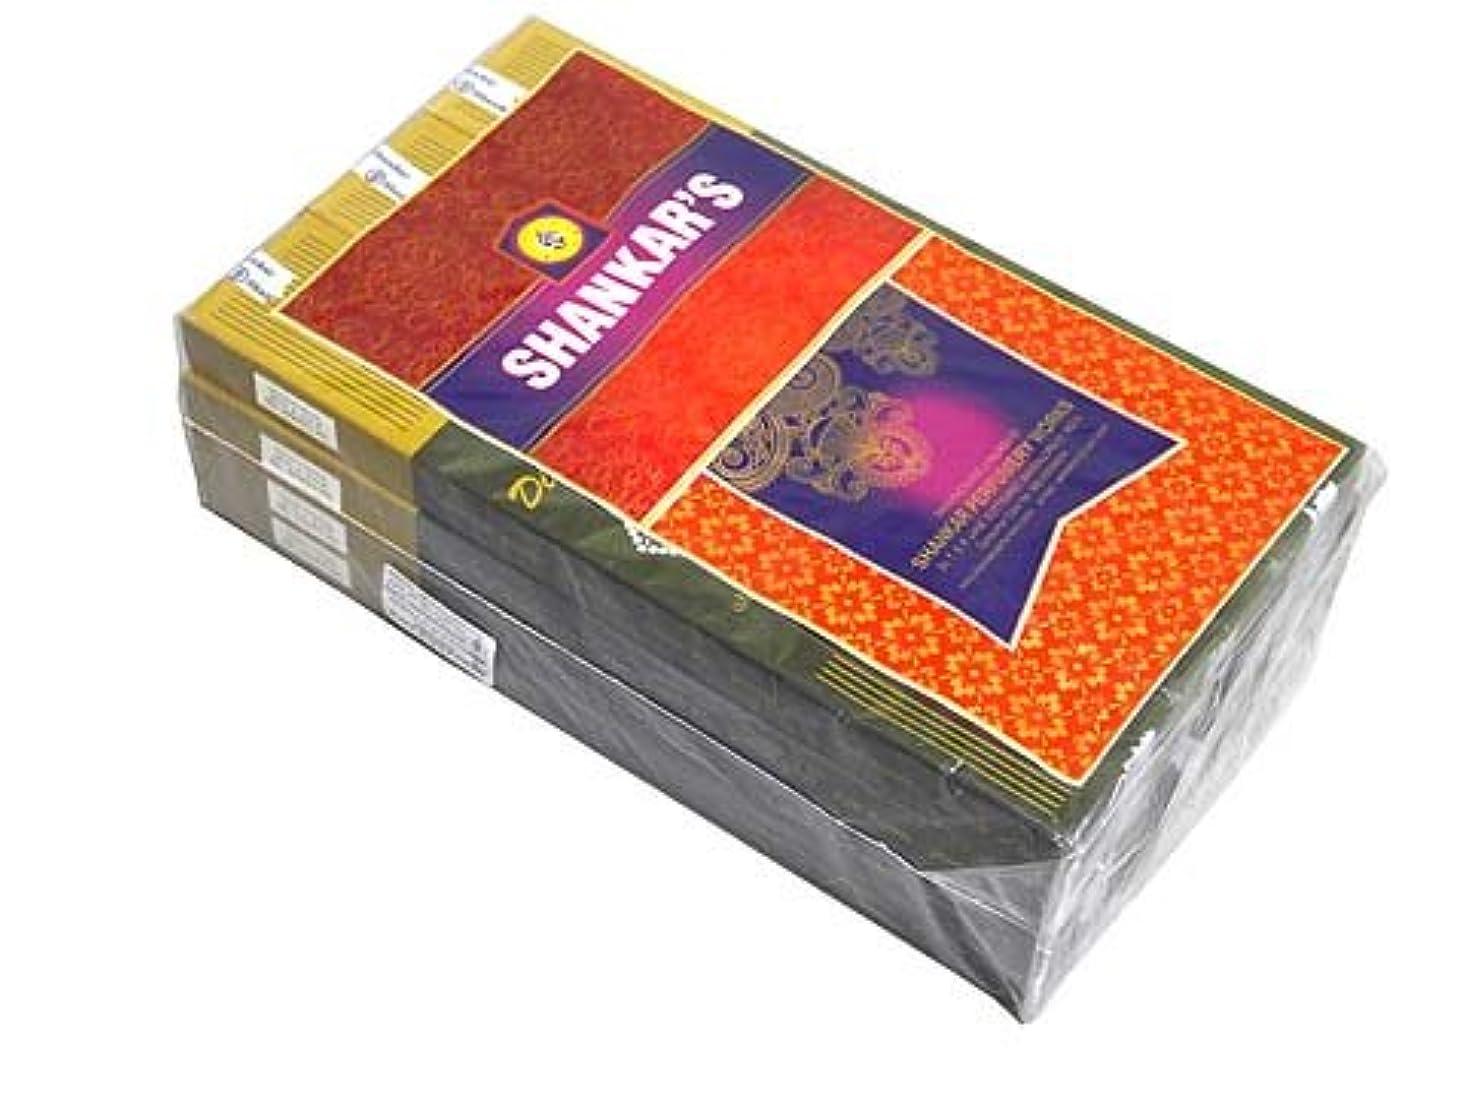 お勧め素子ペストSHANKAR'S(シャンカーズ) ブラックダイヤモンド香 スティック BLACK DIAMOND 12箱セット